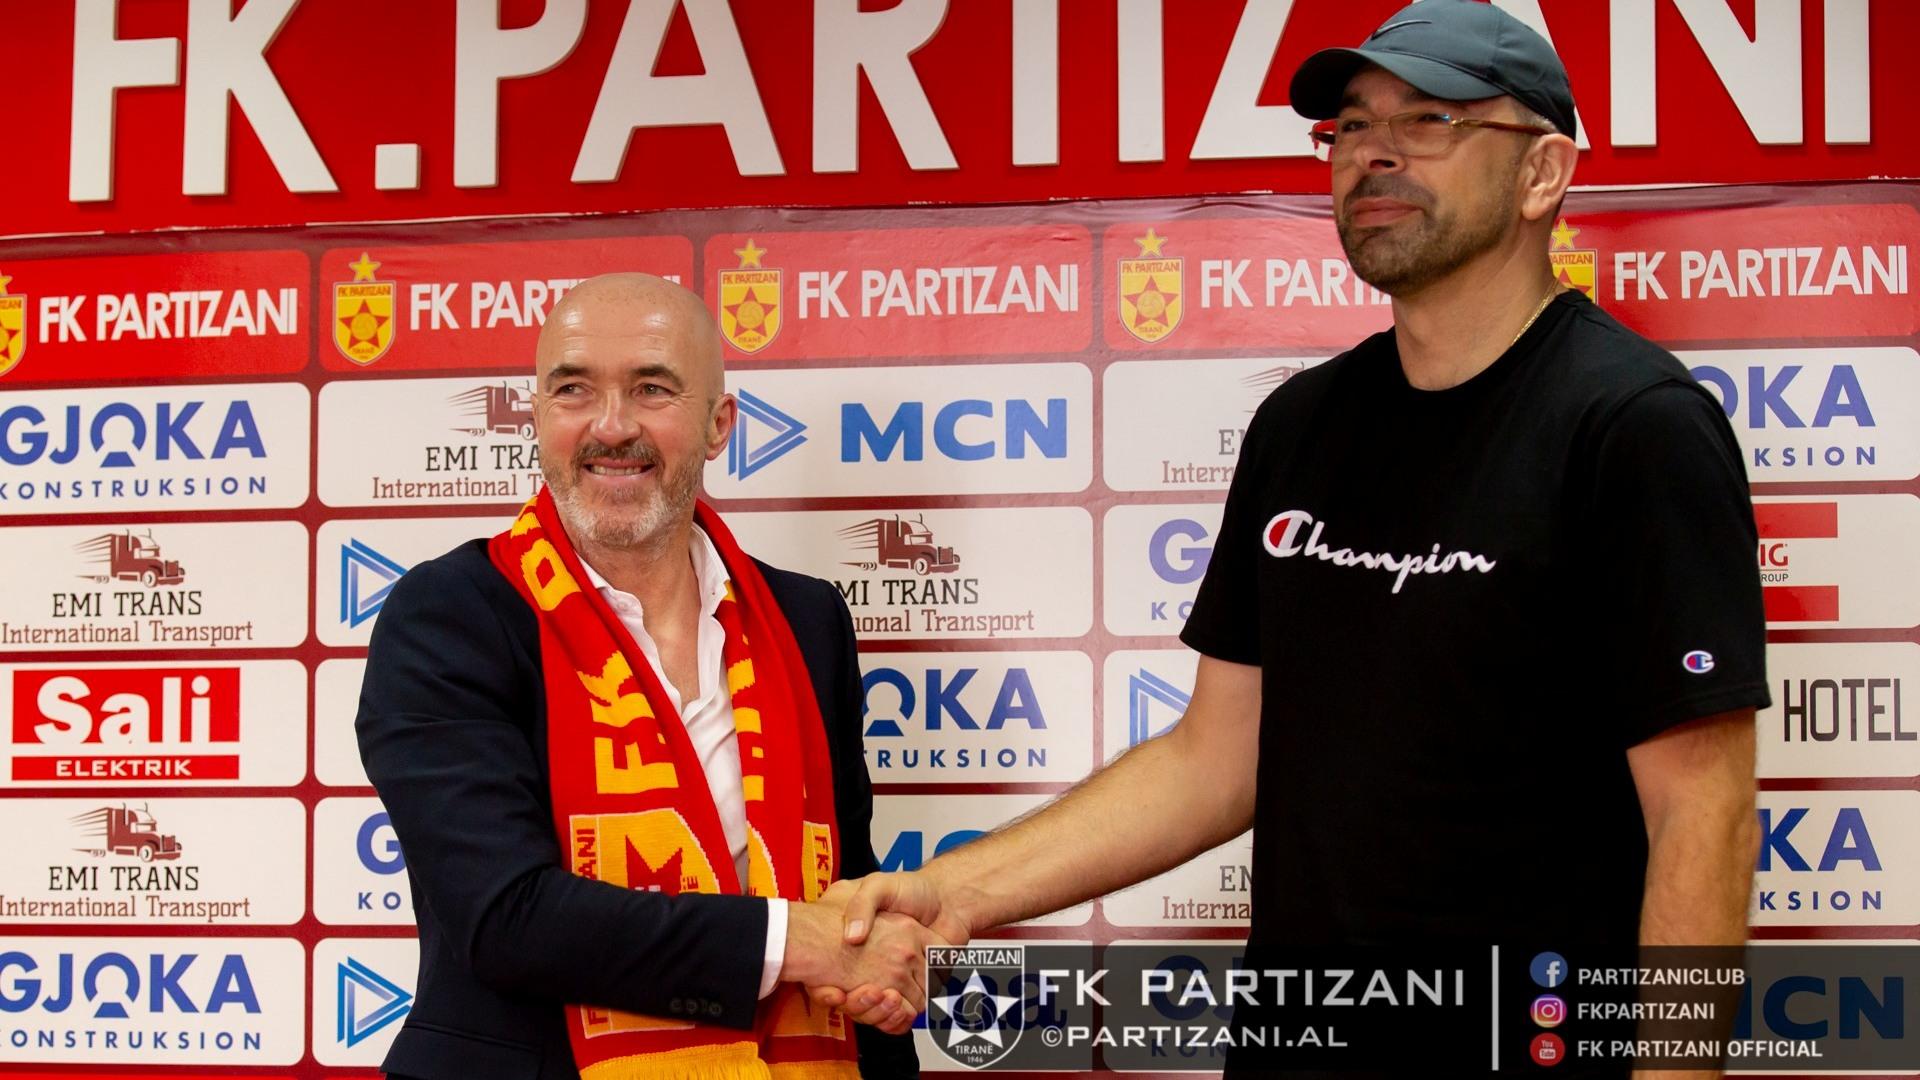 Lerda m***: Dy ish-lojtarët e Partizanit qeshin dhe tallen me ish-trajnerin live në Instagram